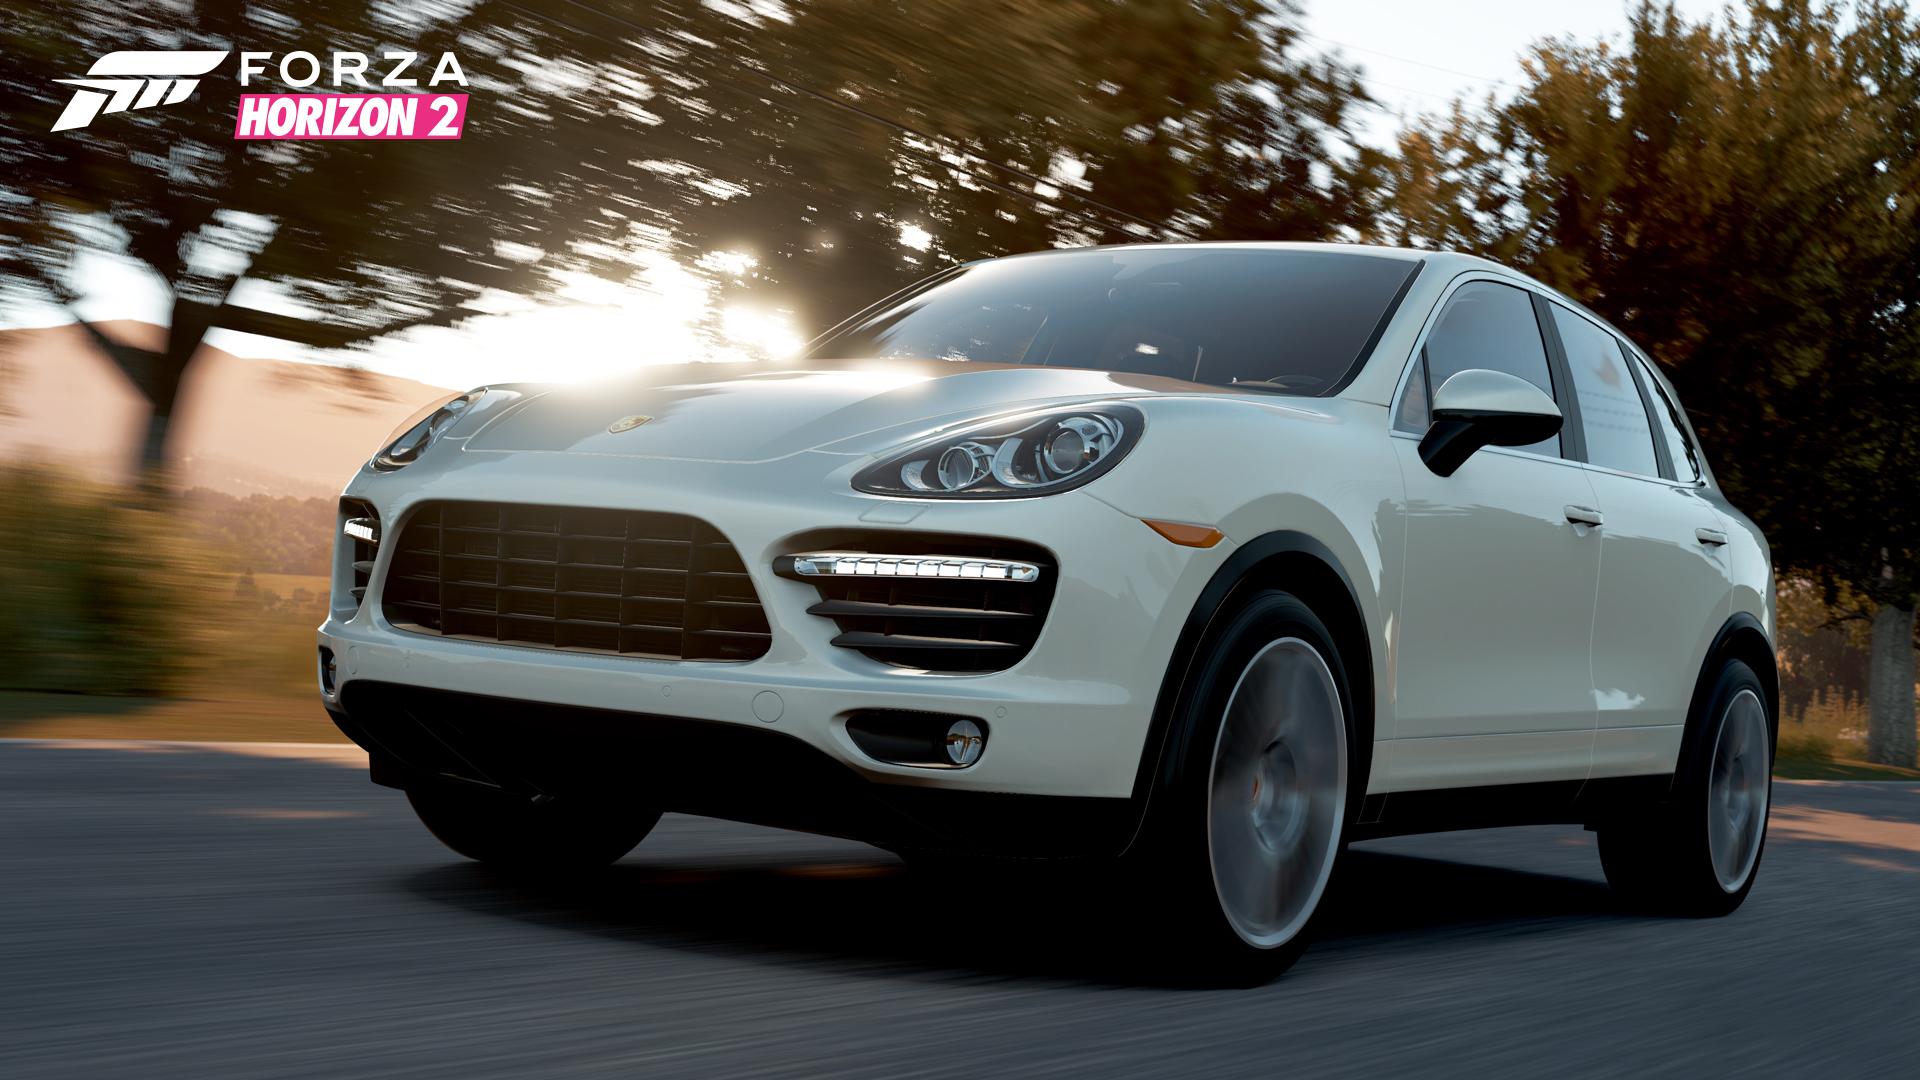 Dvě Porsche zdarma do Forza Horizon 2 111595